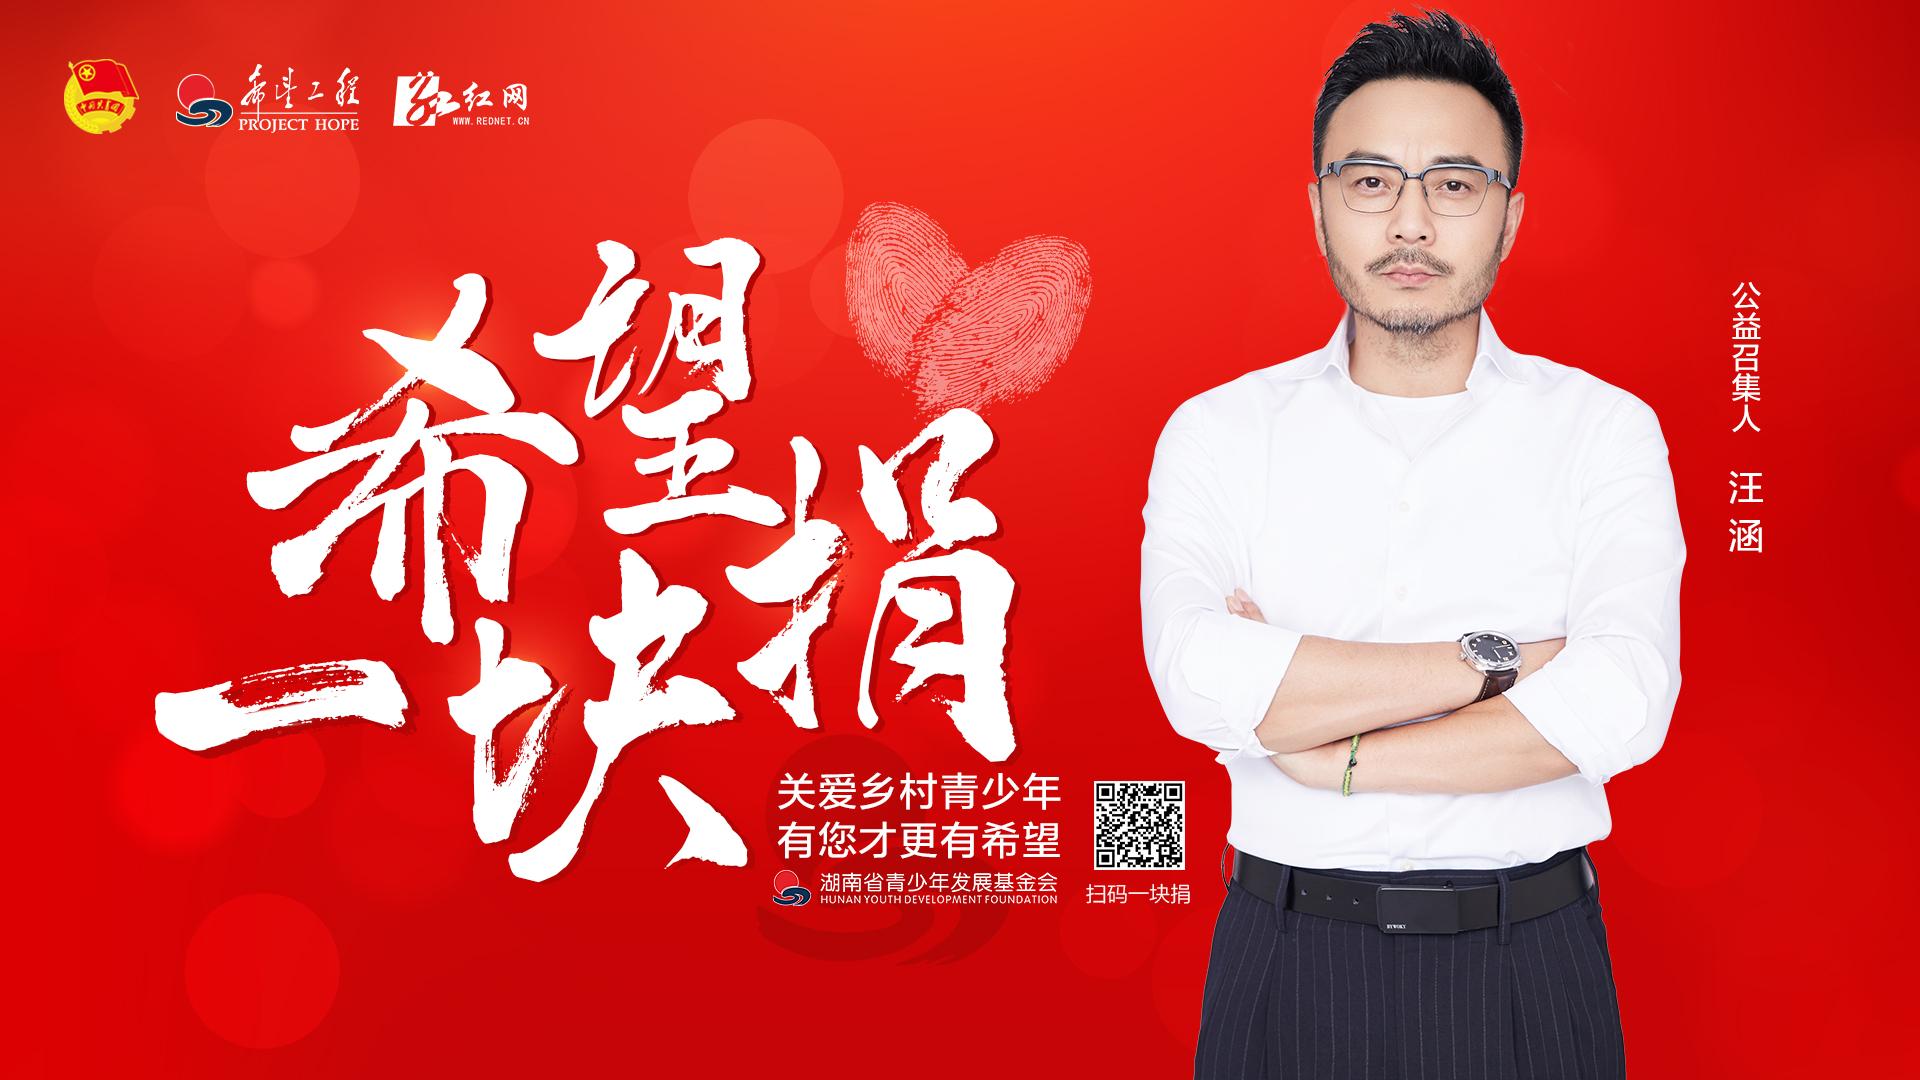 """关爱乡村青少年,我们希望一块捐! ——湖南""""2021,希望一块捐""""活动倡议书"""